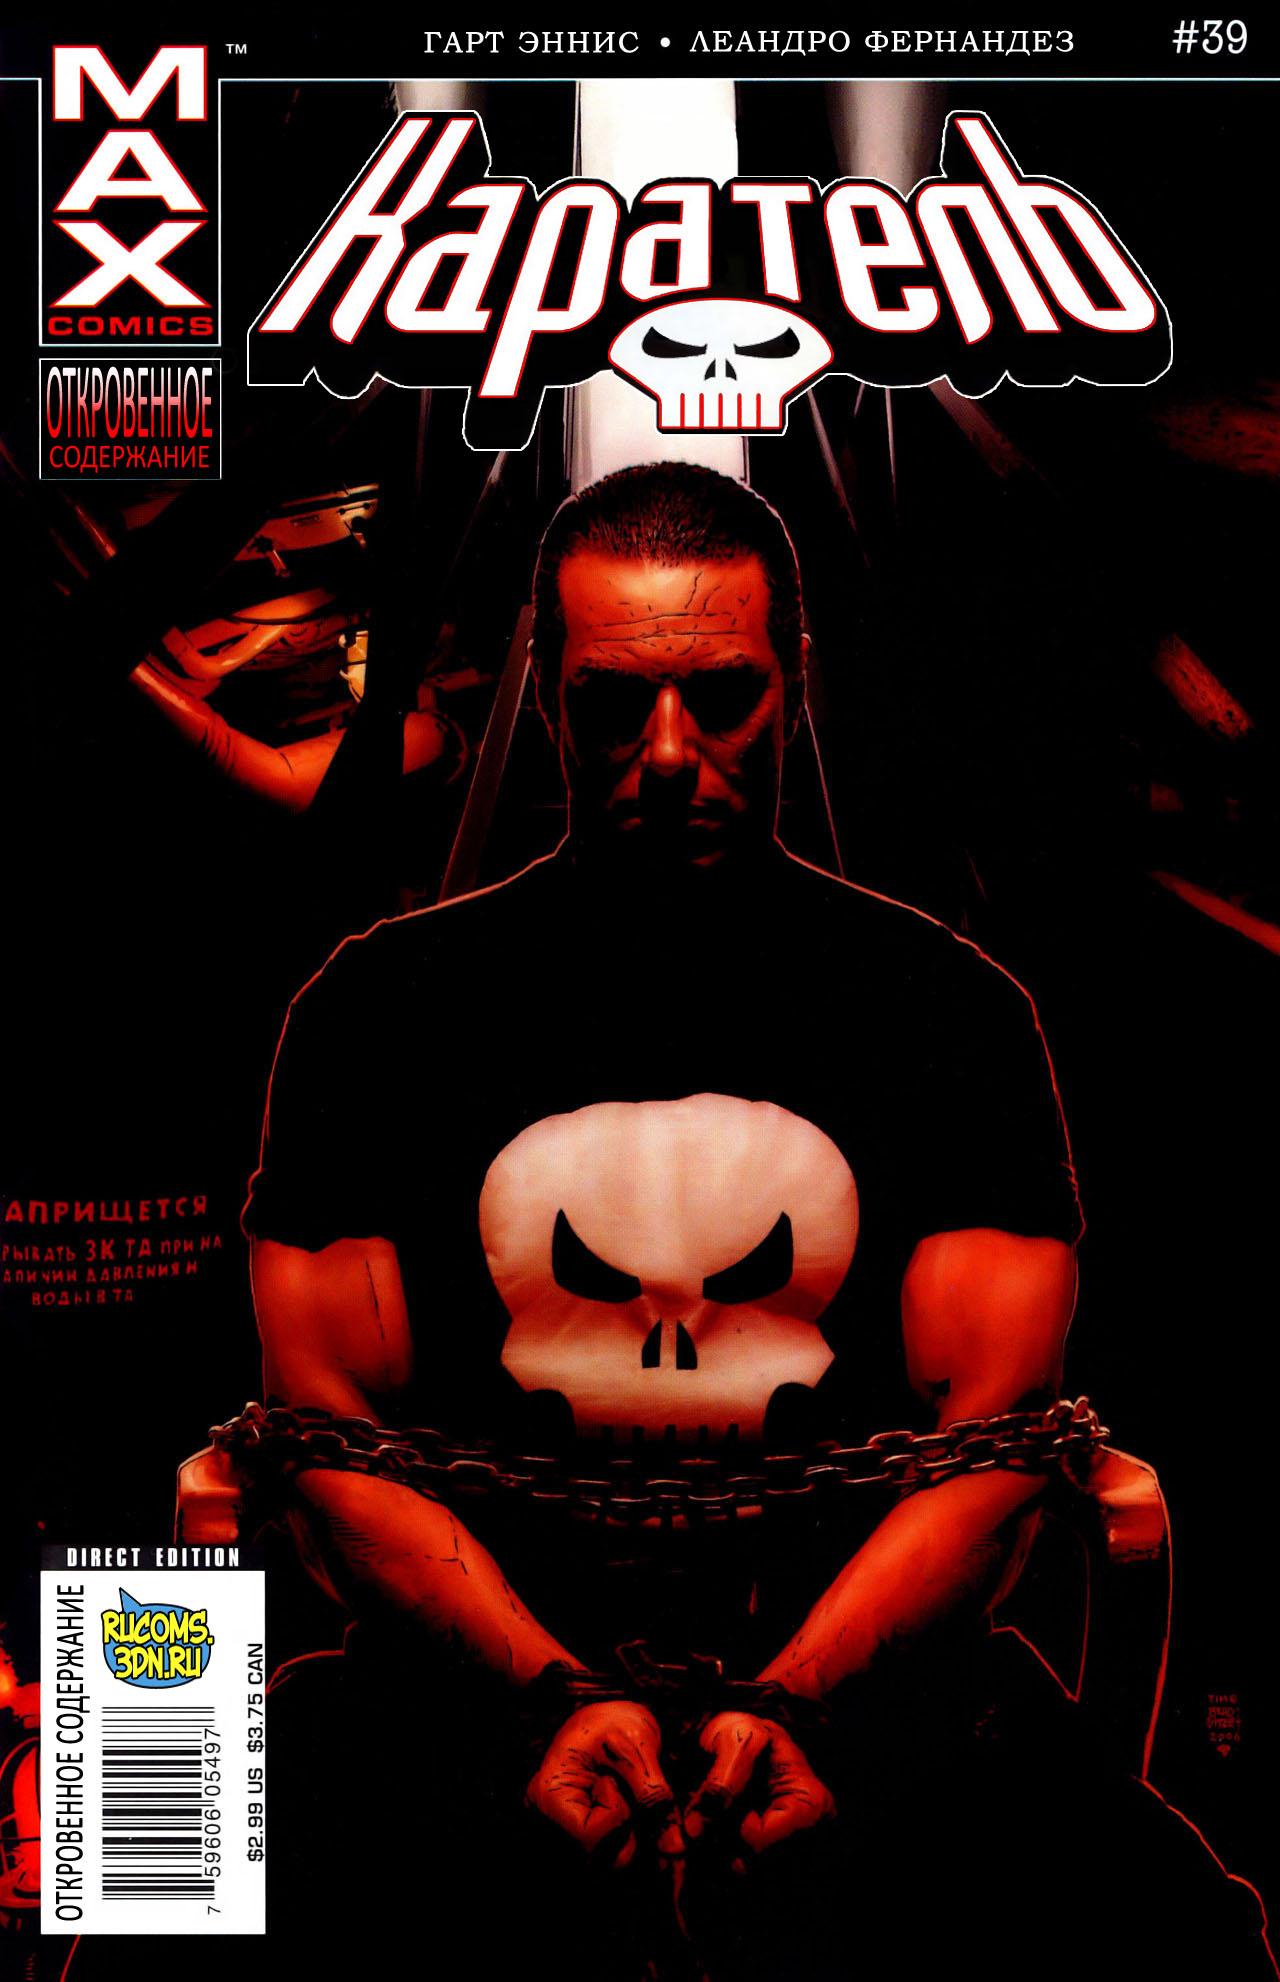 Комиксы Онлайн - Каратель том 6 - # 39 Человек из камня - часть третья - Страница №1 - Punisher vol 6 - # 39